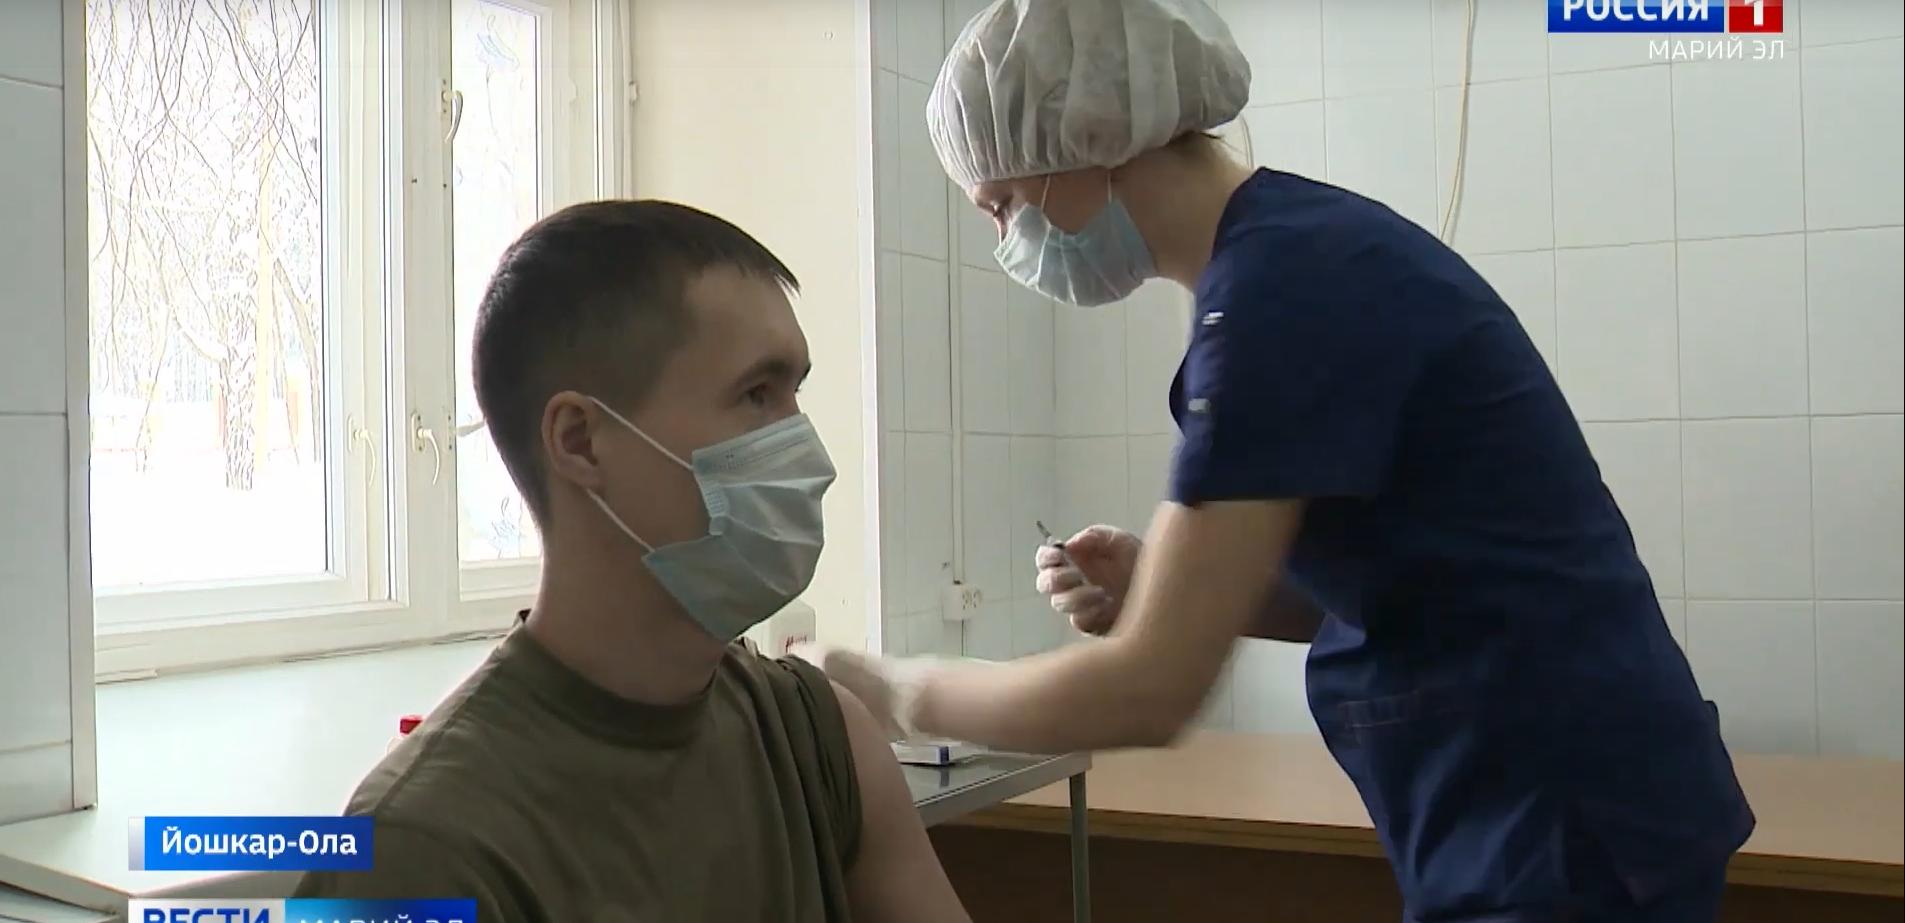 На 2 июля в Марий Эл вакцинировали 26,5% от запланированного количества жителей республики